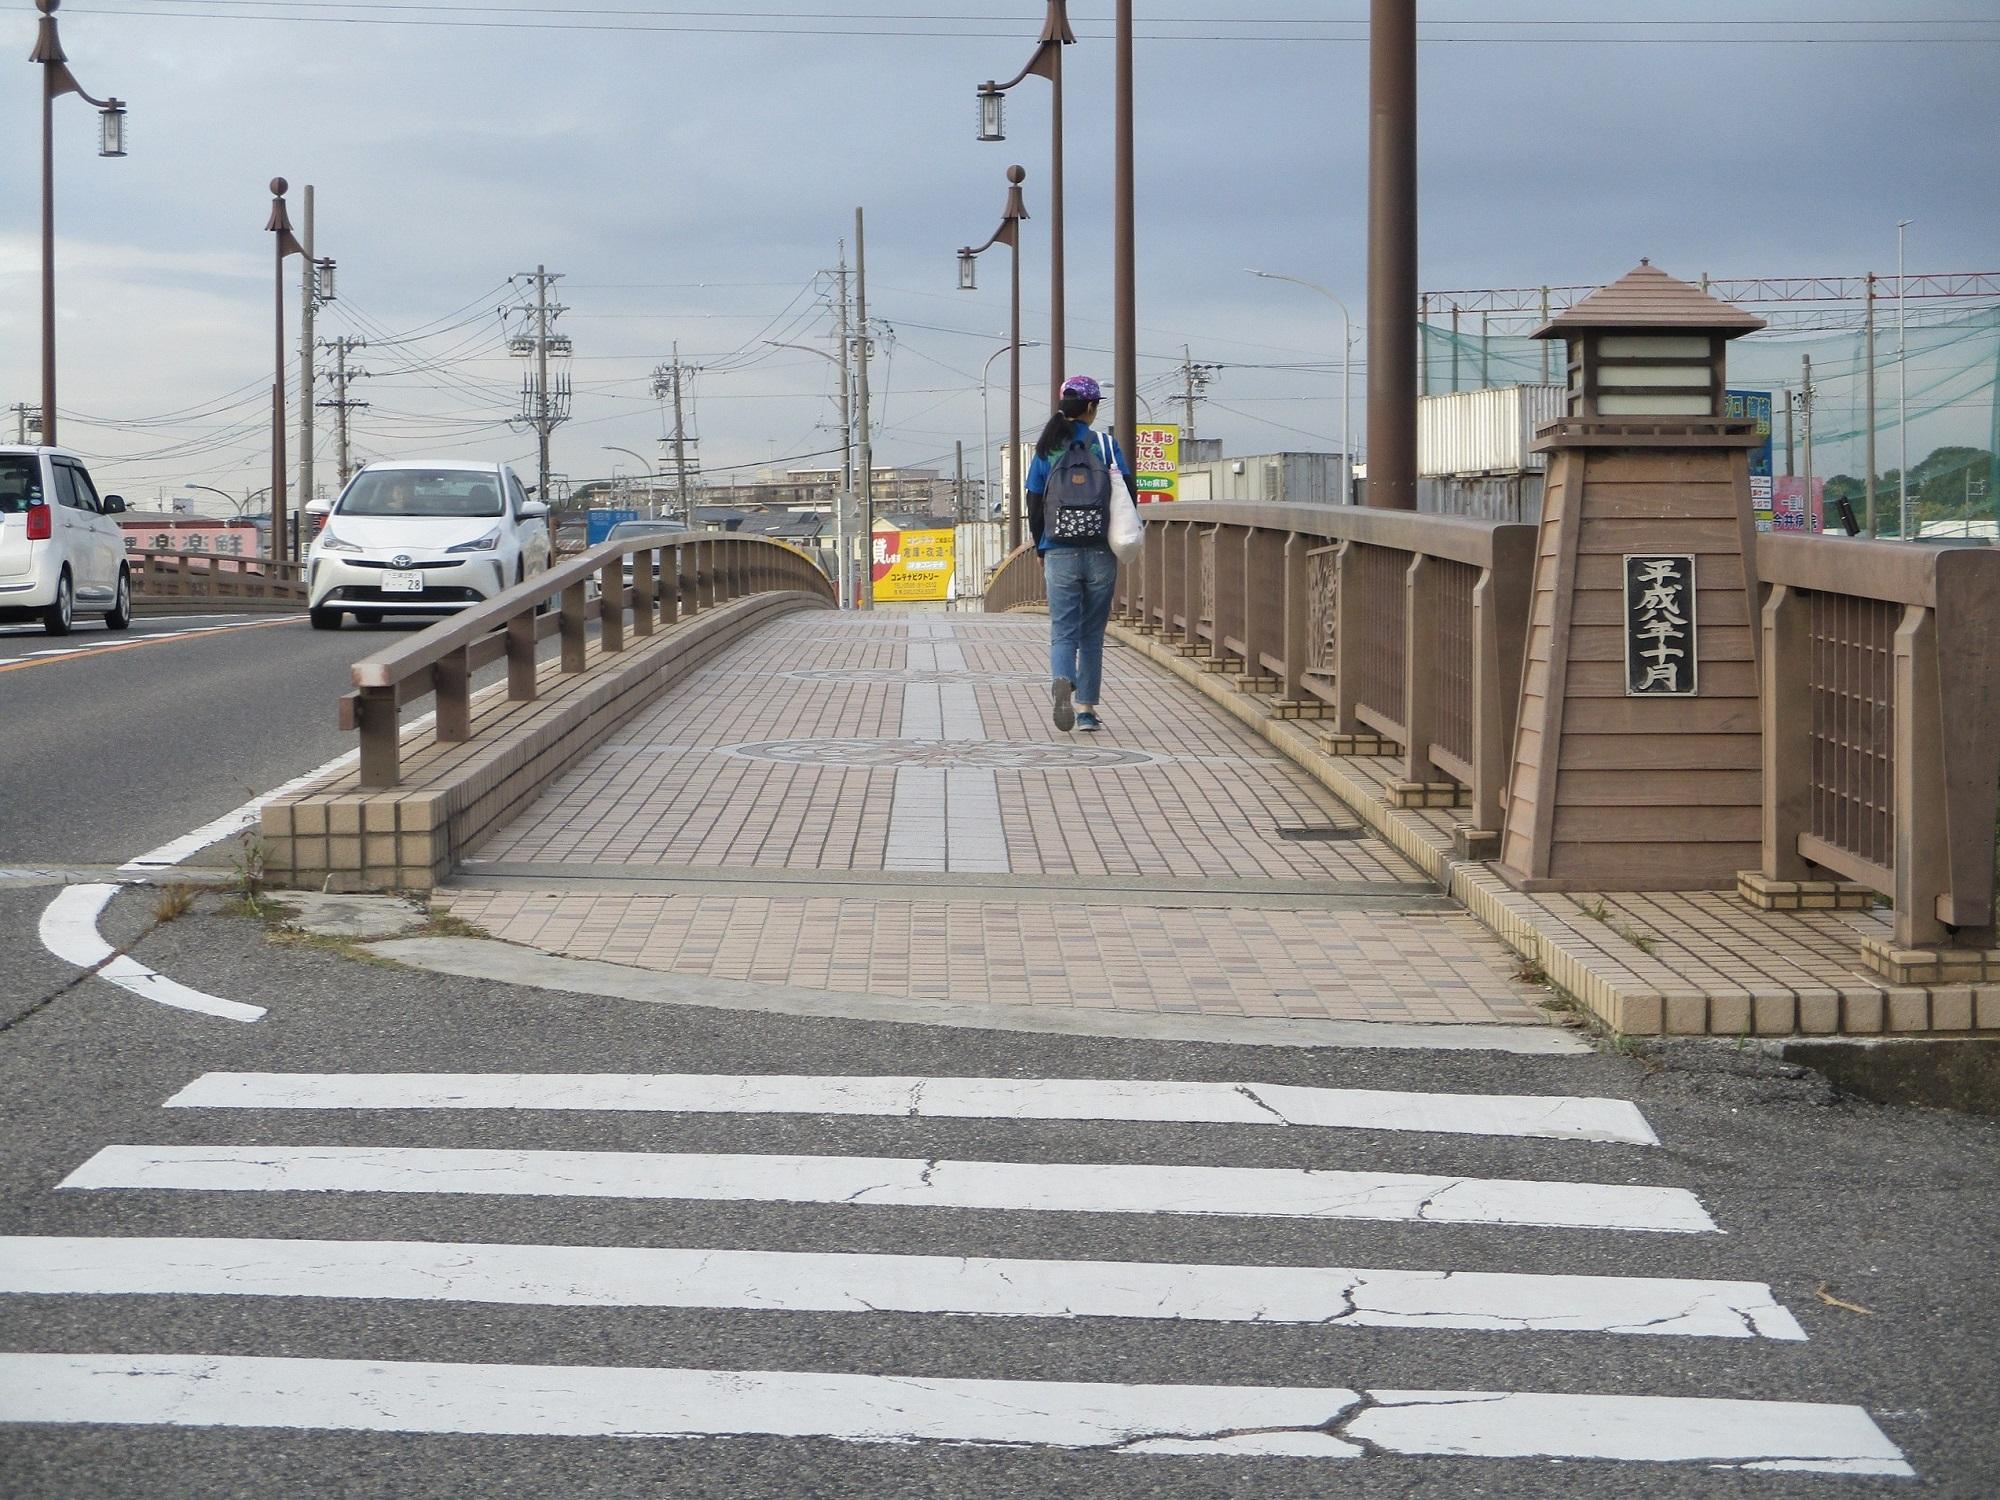 2019.11.13 (61) 東海道 - 逢妻橋(歩道) 2000-1500